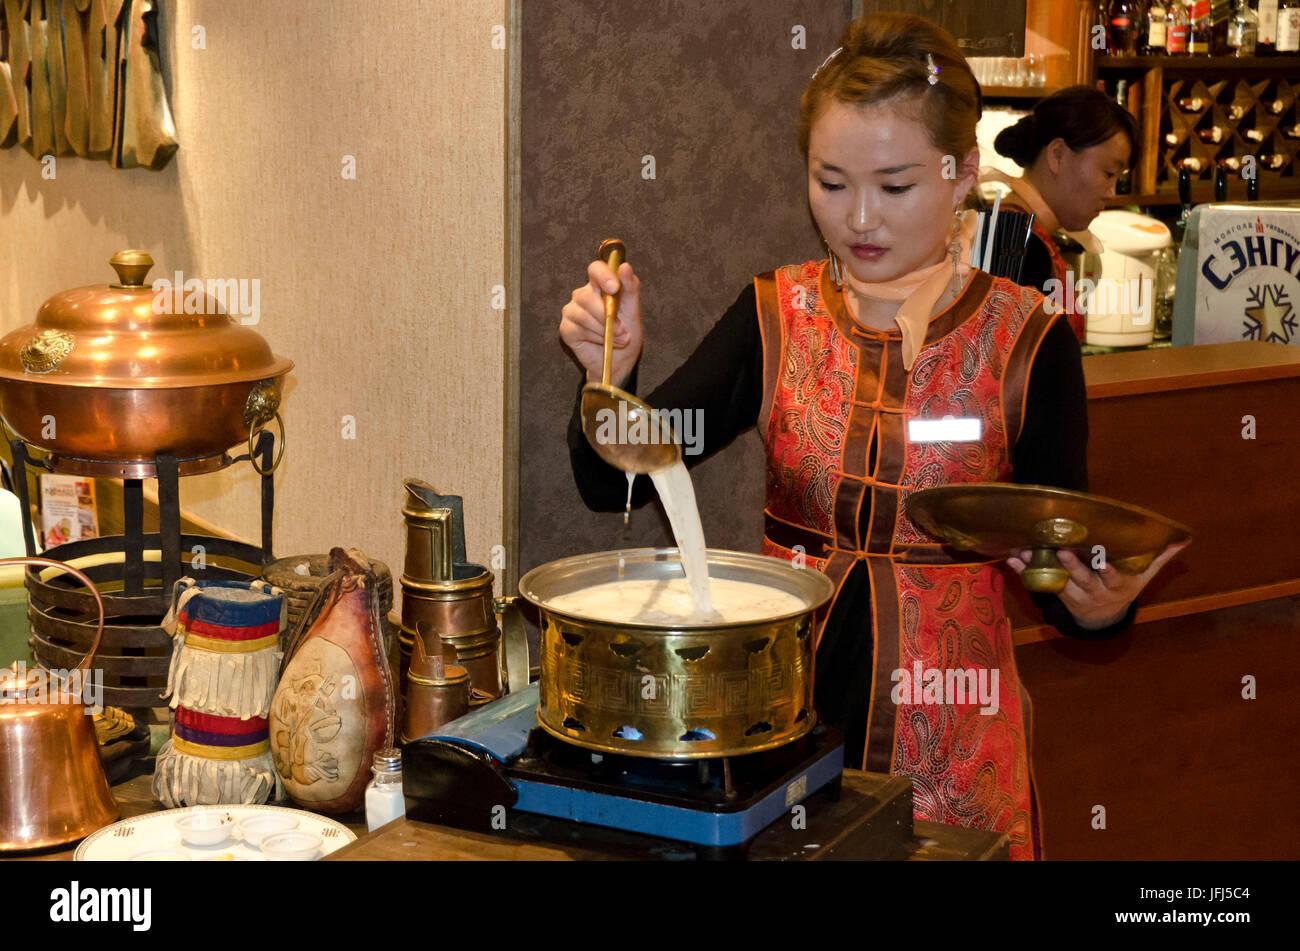 Mongolei, Zentralasien, Ulaanbaatar / Ulan-Bator, mongolische Küche, junge Frau beim Kochen Stockbild